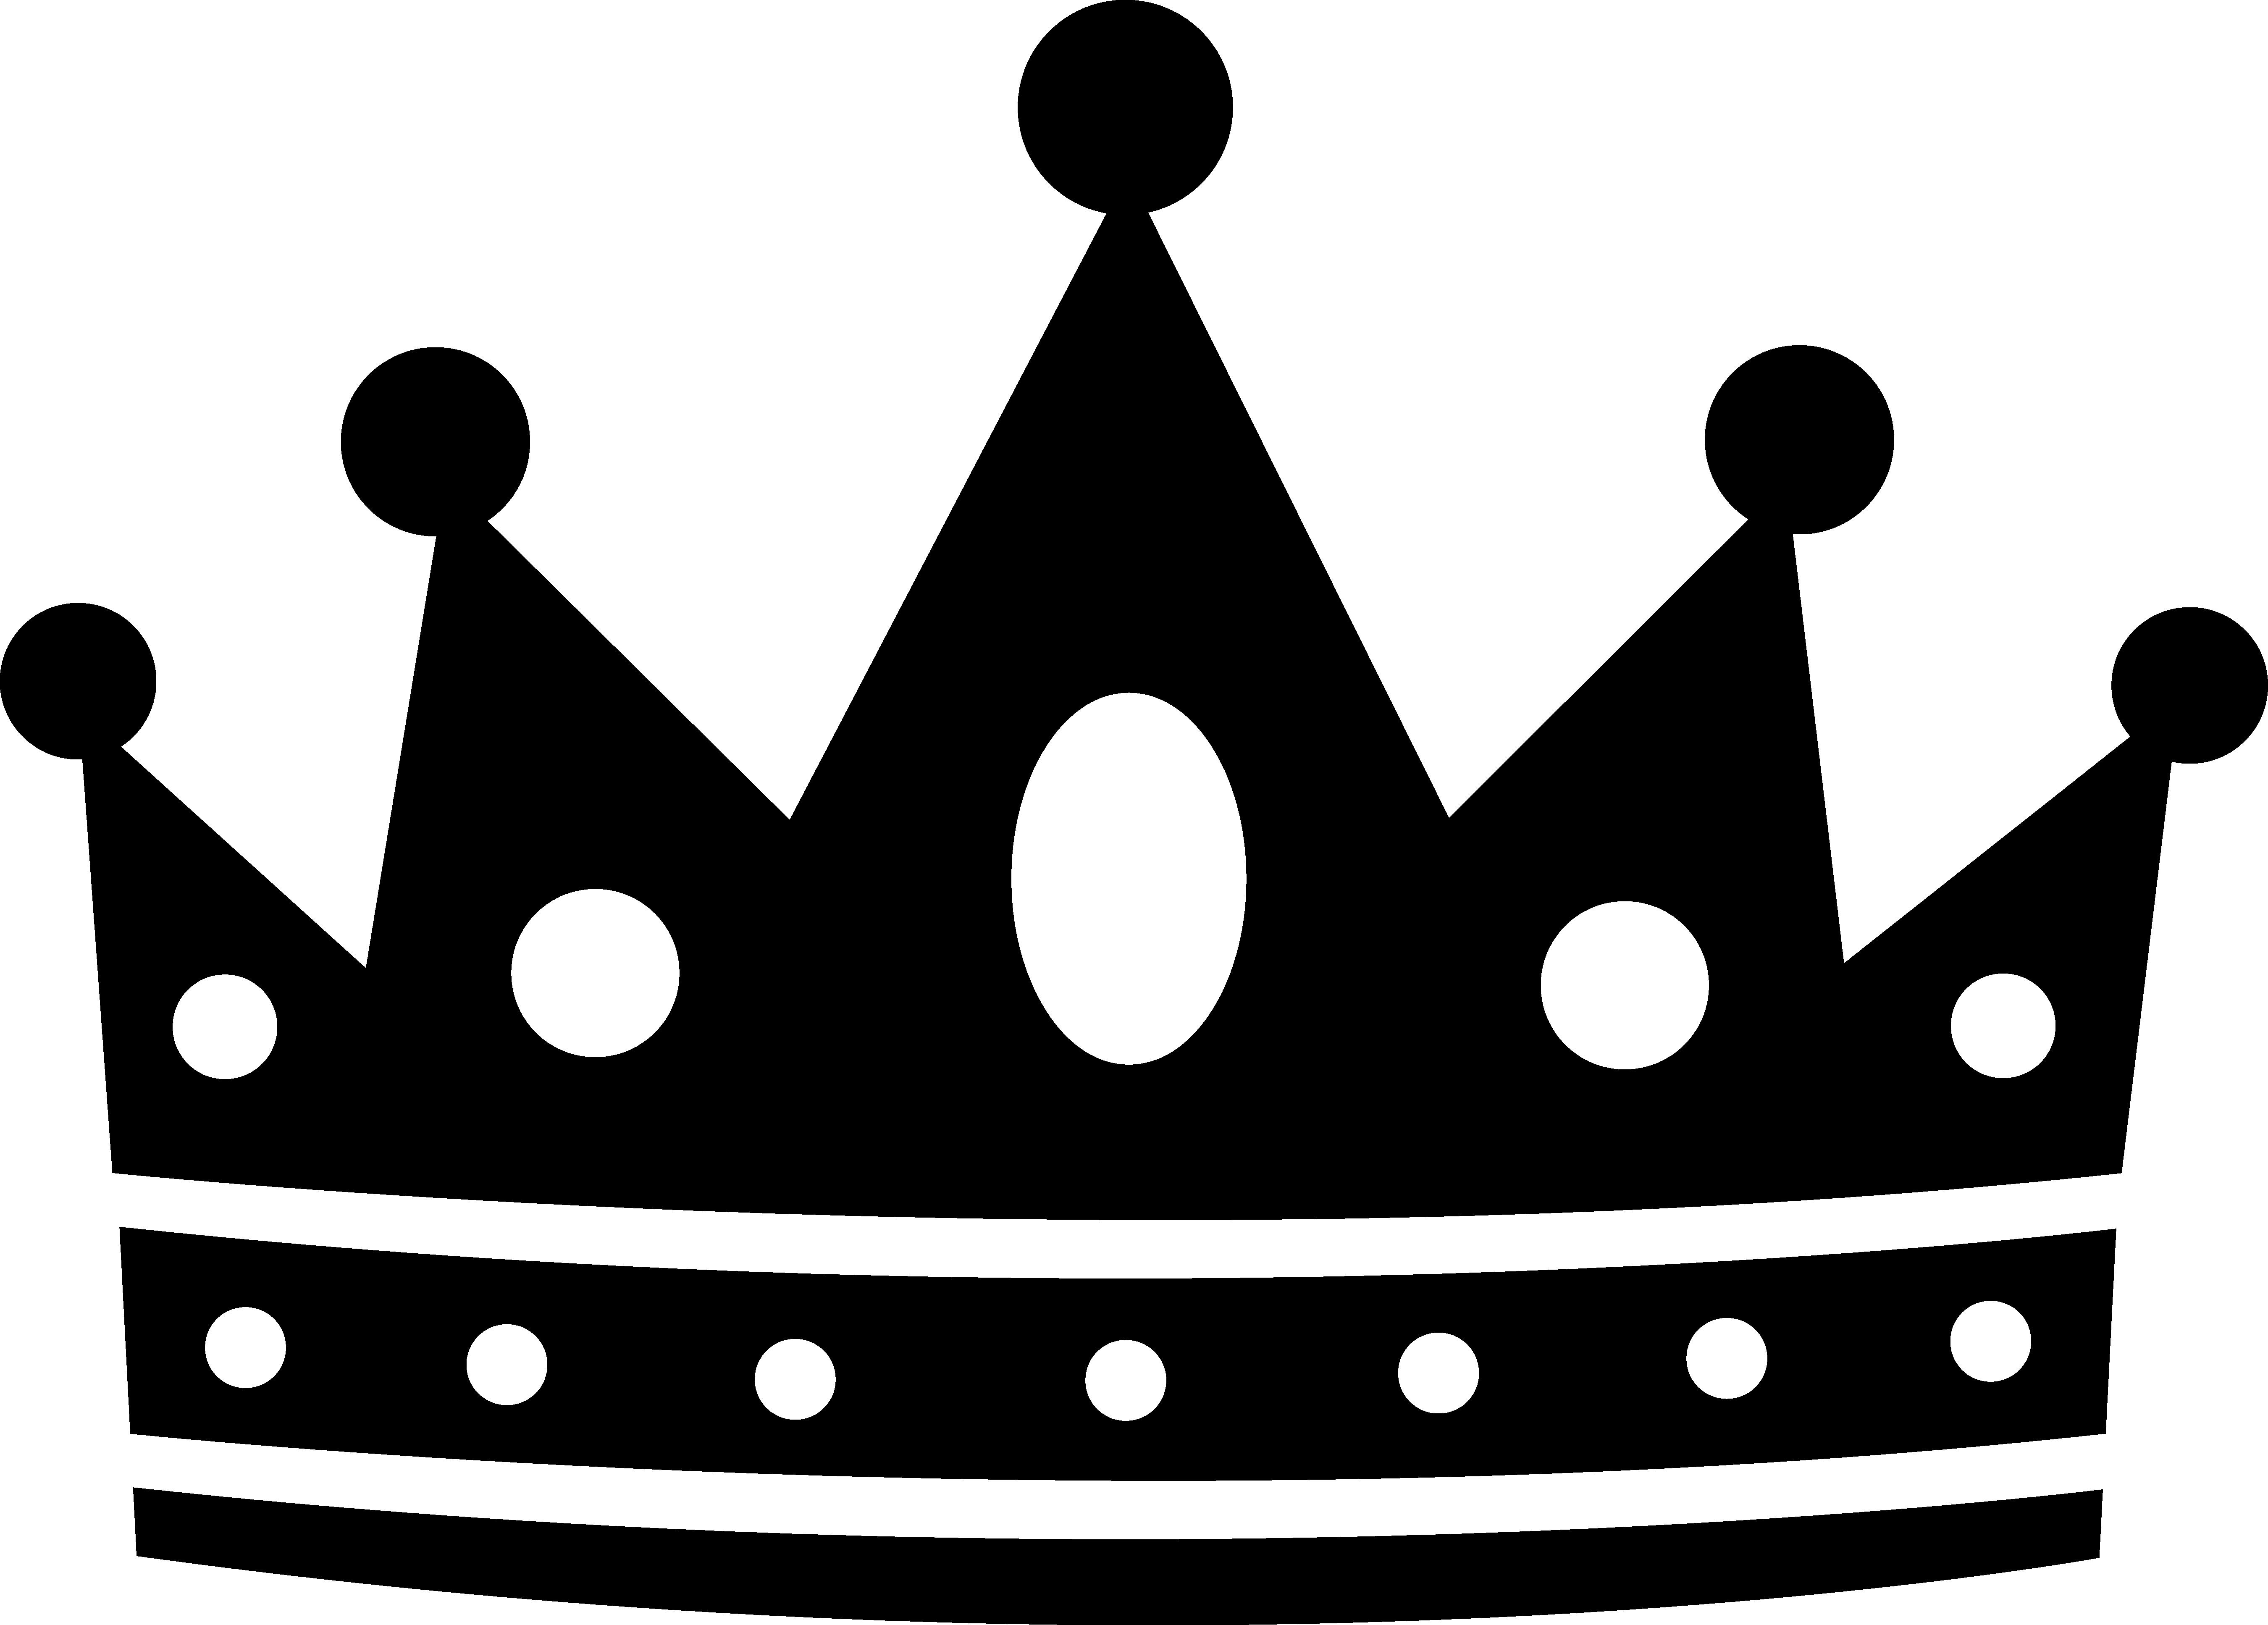 Crown Clipart - Clipart Kid